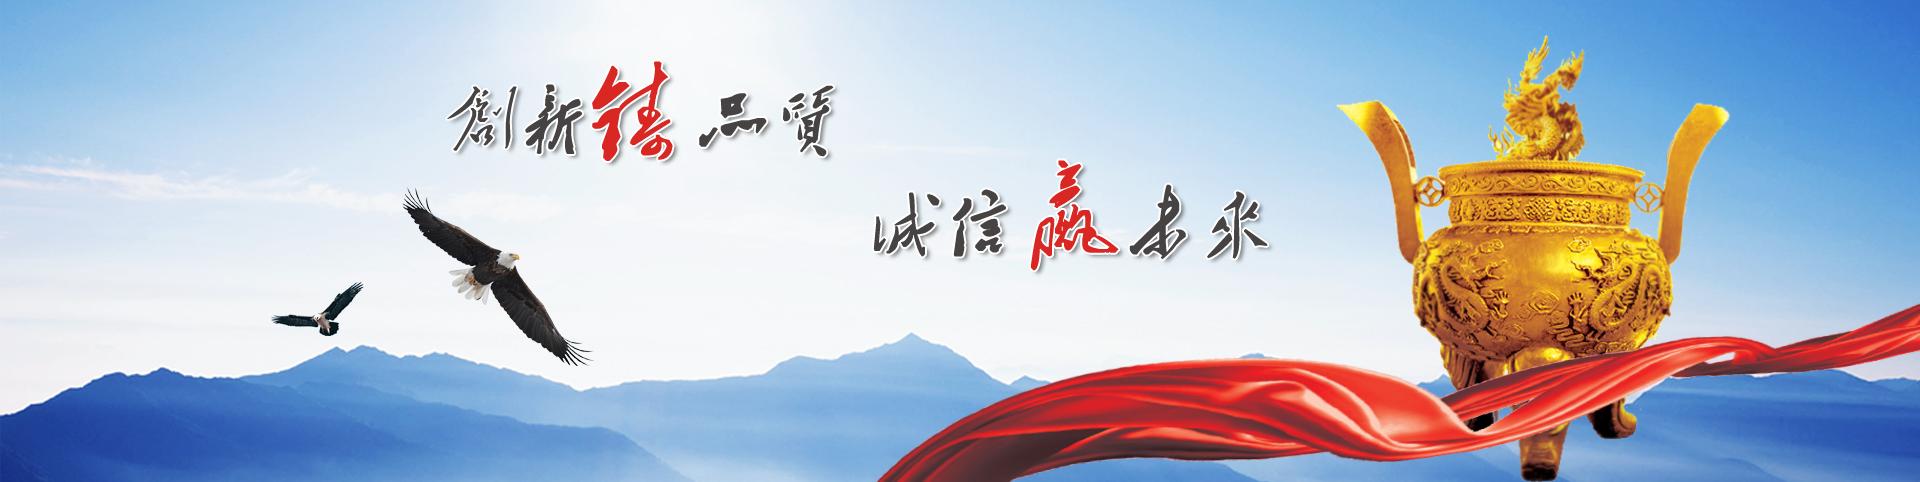 banner-企业文化